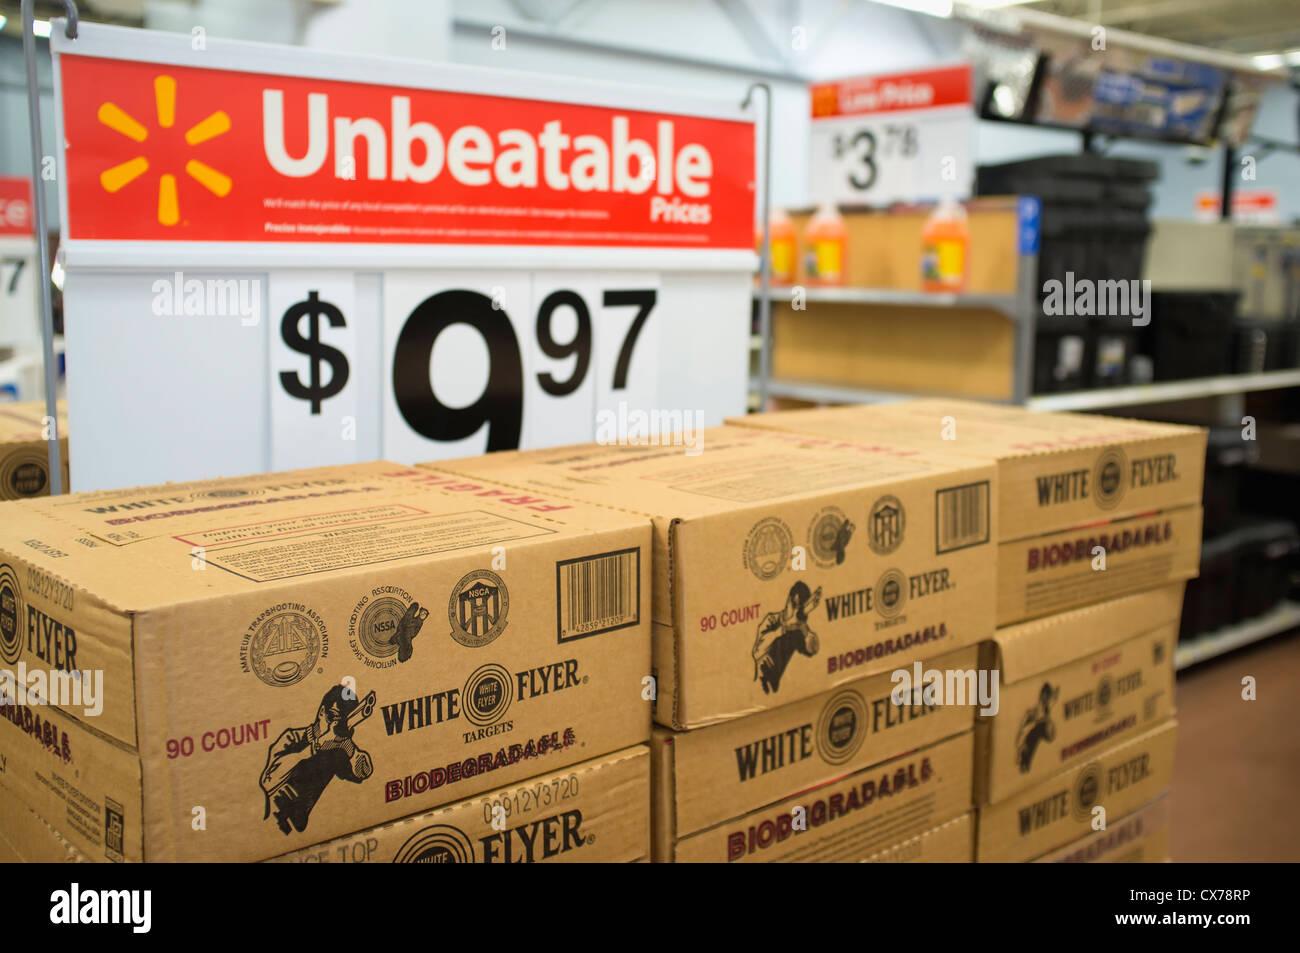 Dreharbeiten Ziele Aufsteller Im WalMart Super Center In Texas USA